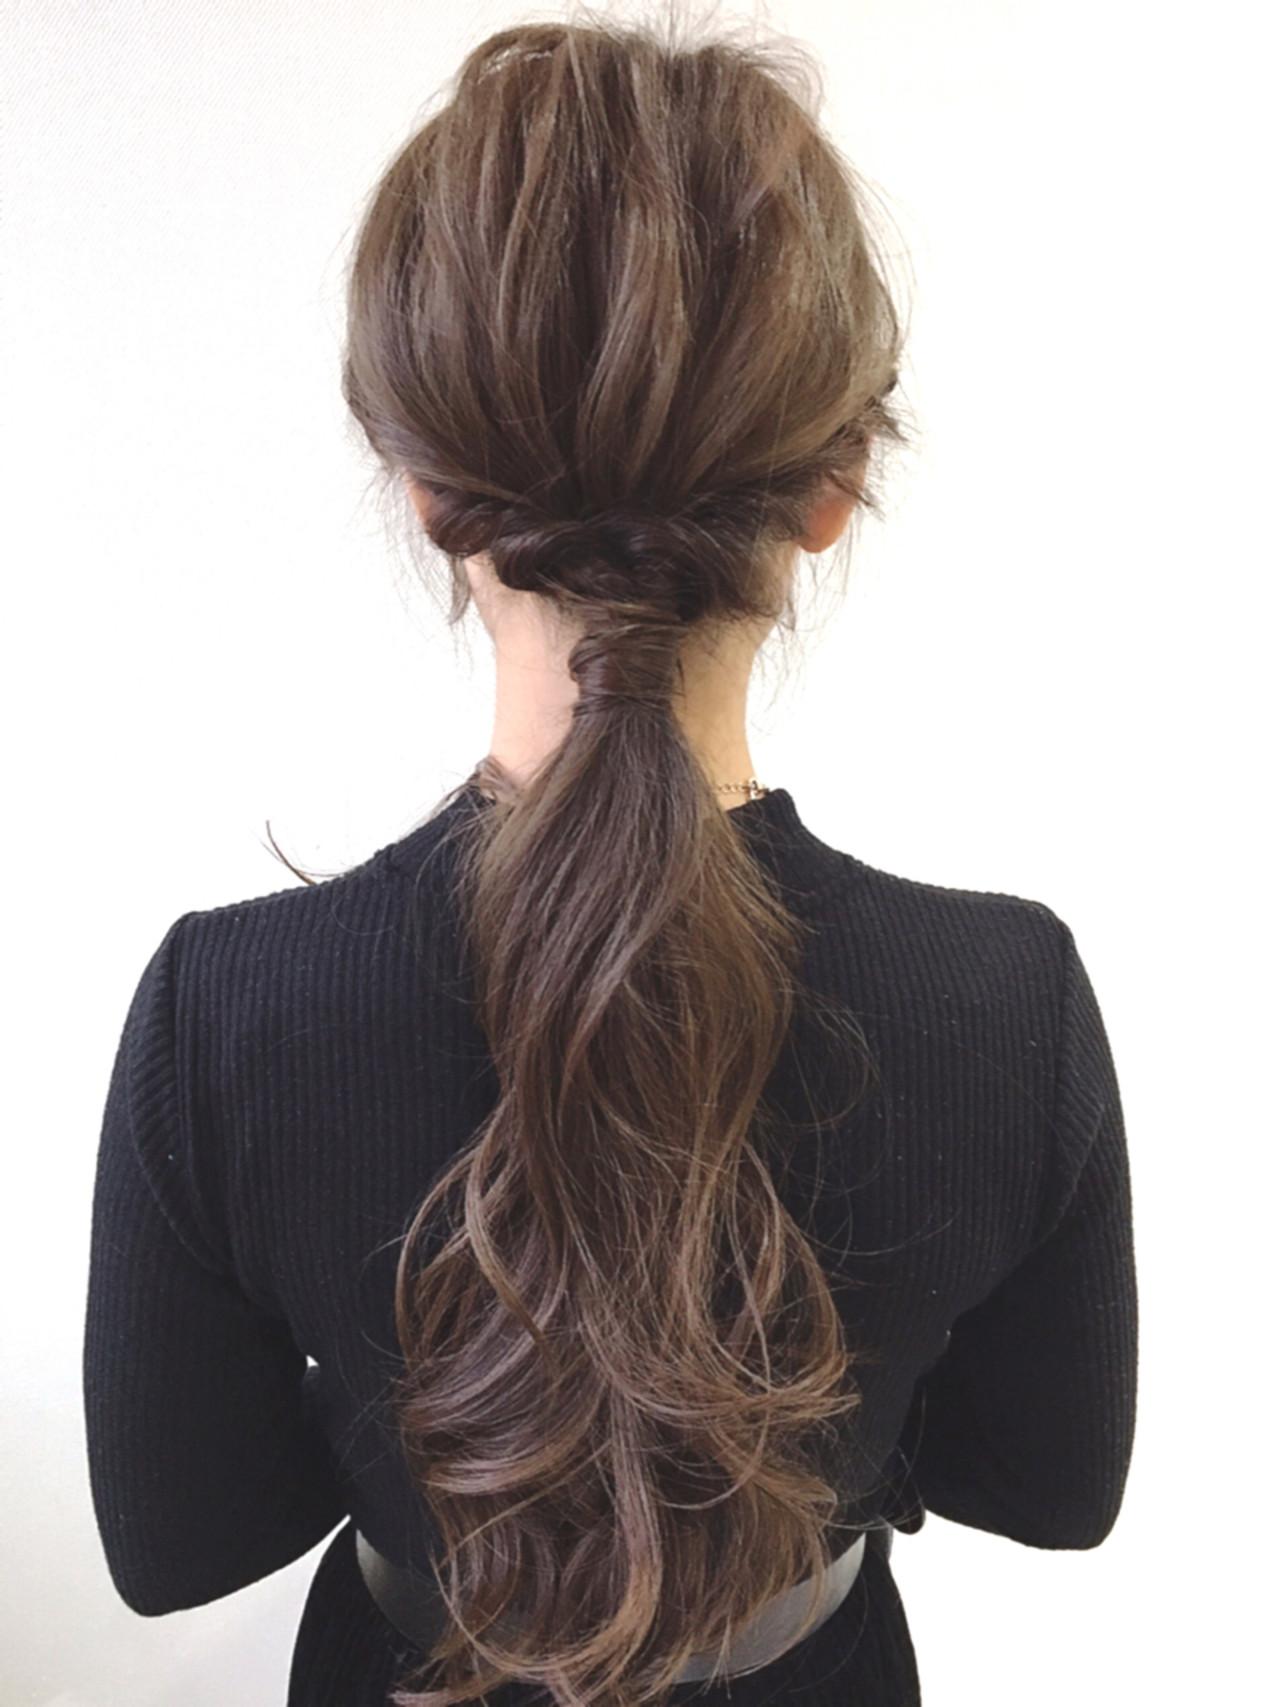 ロング ポニーテール ナチュラル ローポニーテール ヘアスタイルや髪型の写真・画像